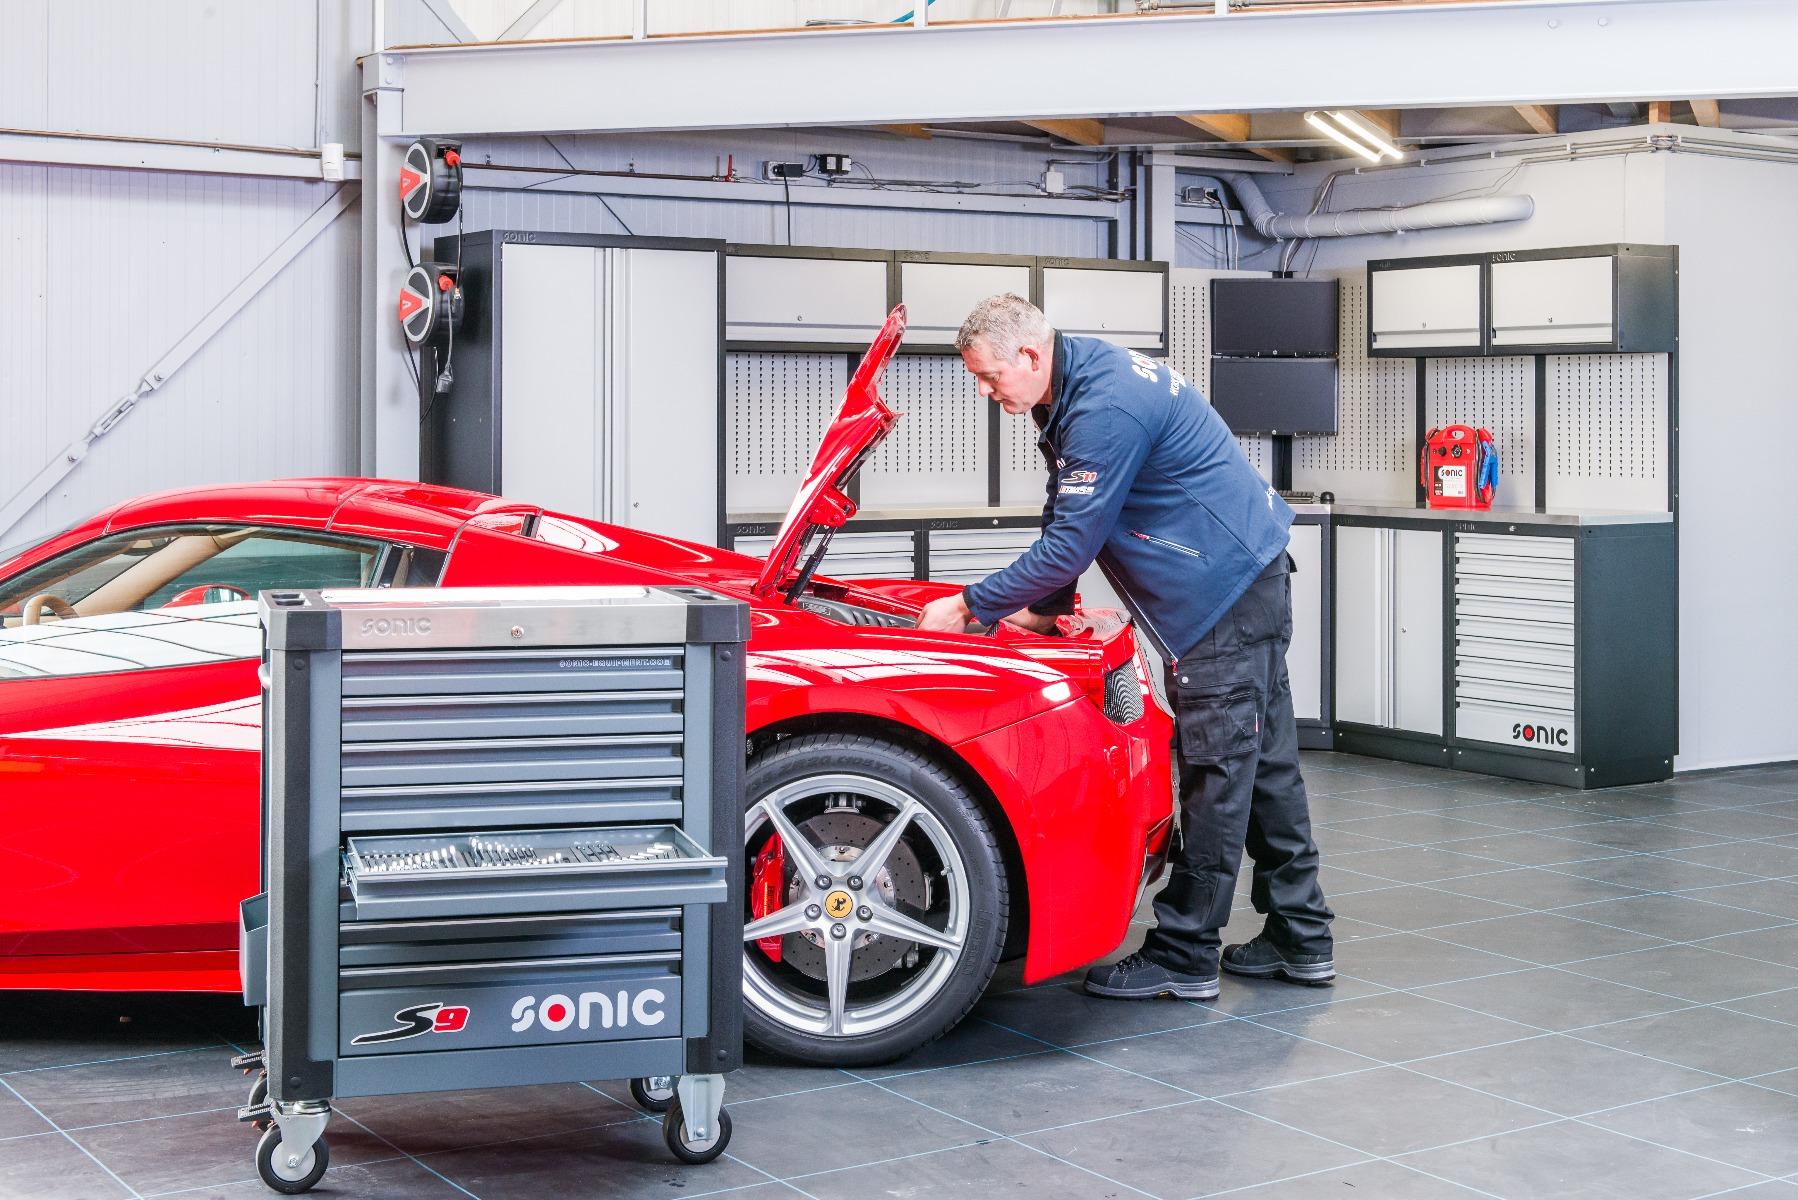 S9 Toolbox and Ferrari Technician